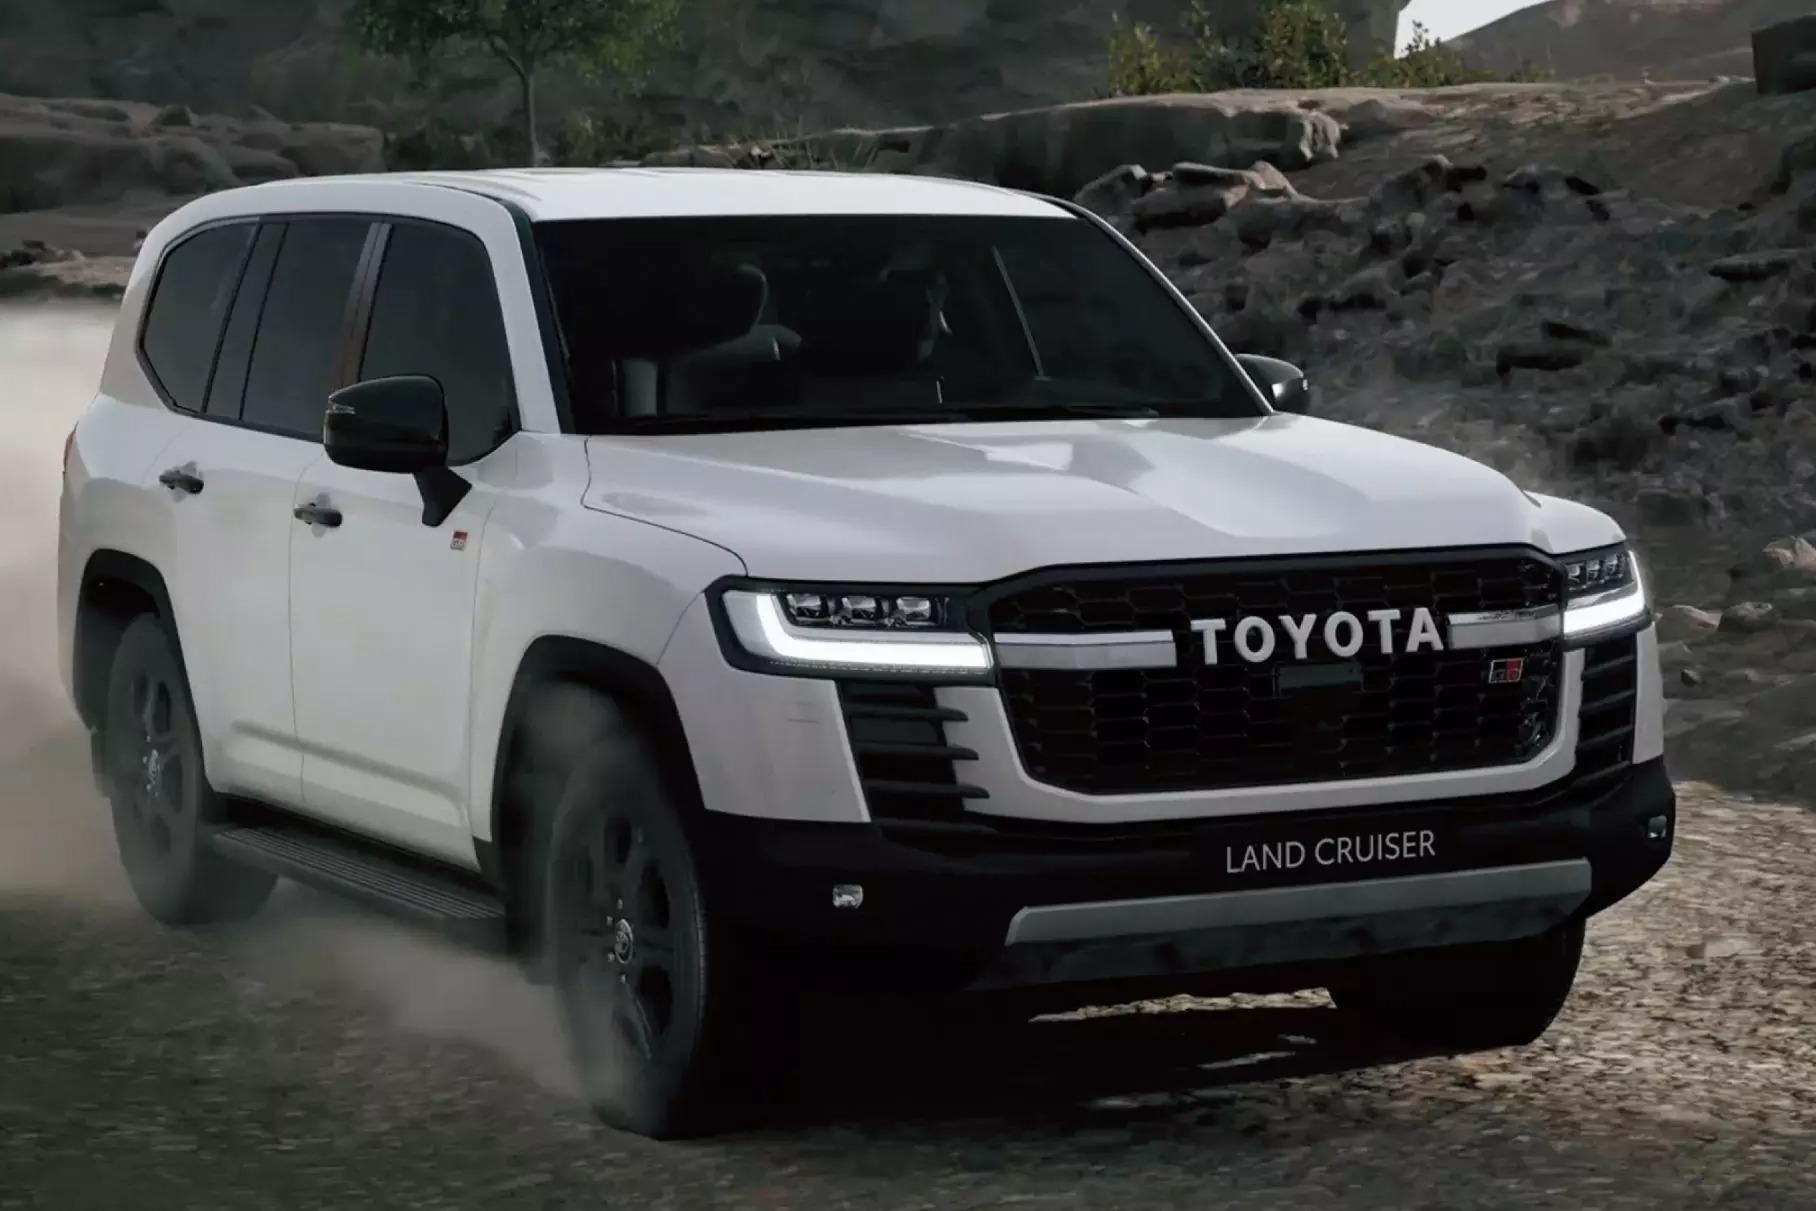 Накануне японский автомобилестроитель «Тойота» презентовал новое поколение Land Cruiser, которое получило приставку 300. Теперь же нам предлагается взглянуть на «спортивную» версию GR Sport.